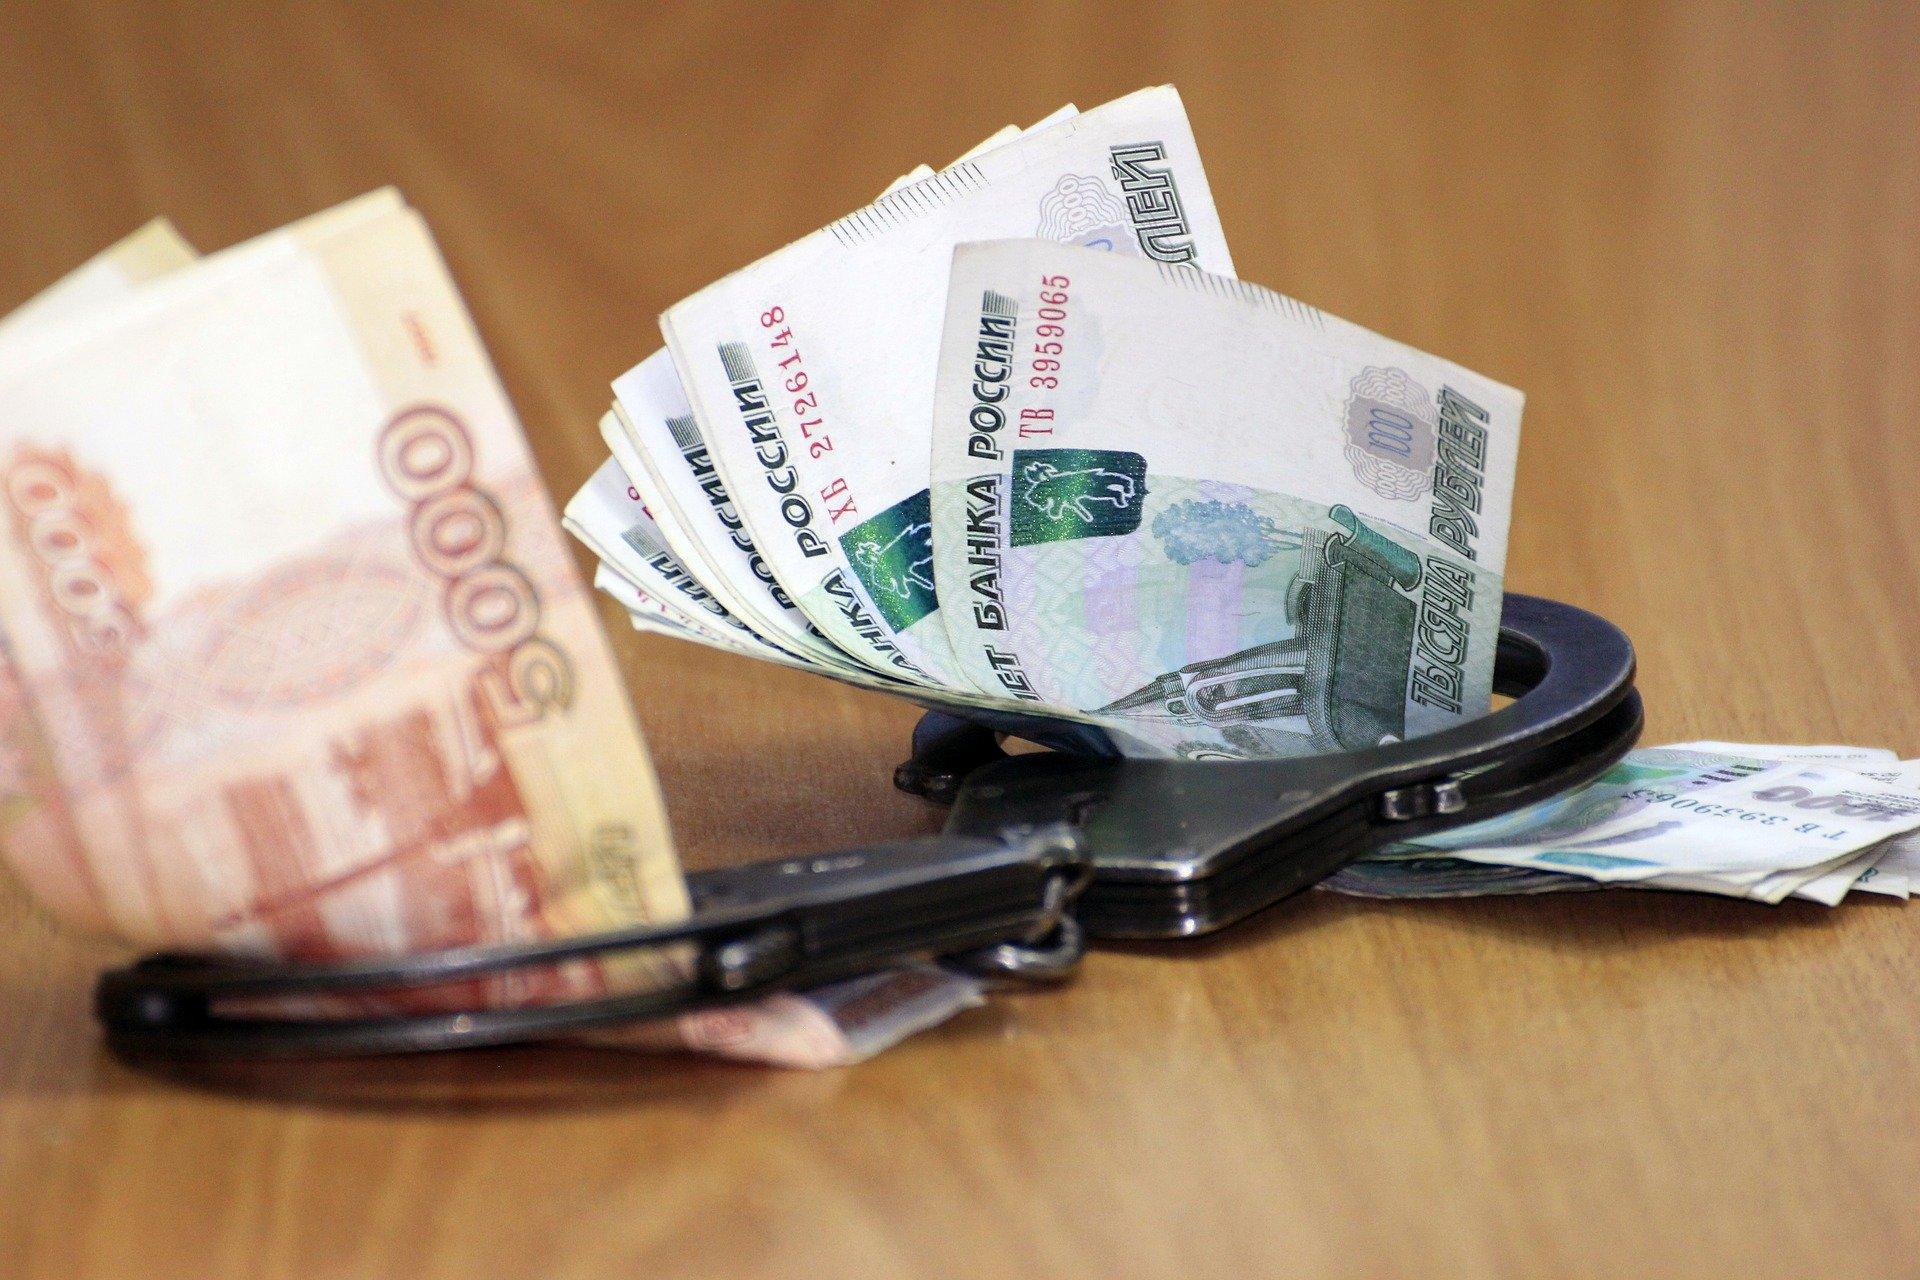 Бывший работник военкомата Севастополя осужден за взятку действующему сотруднику военкомата